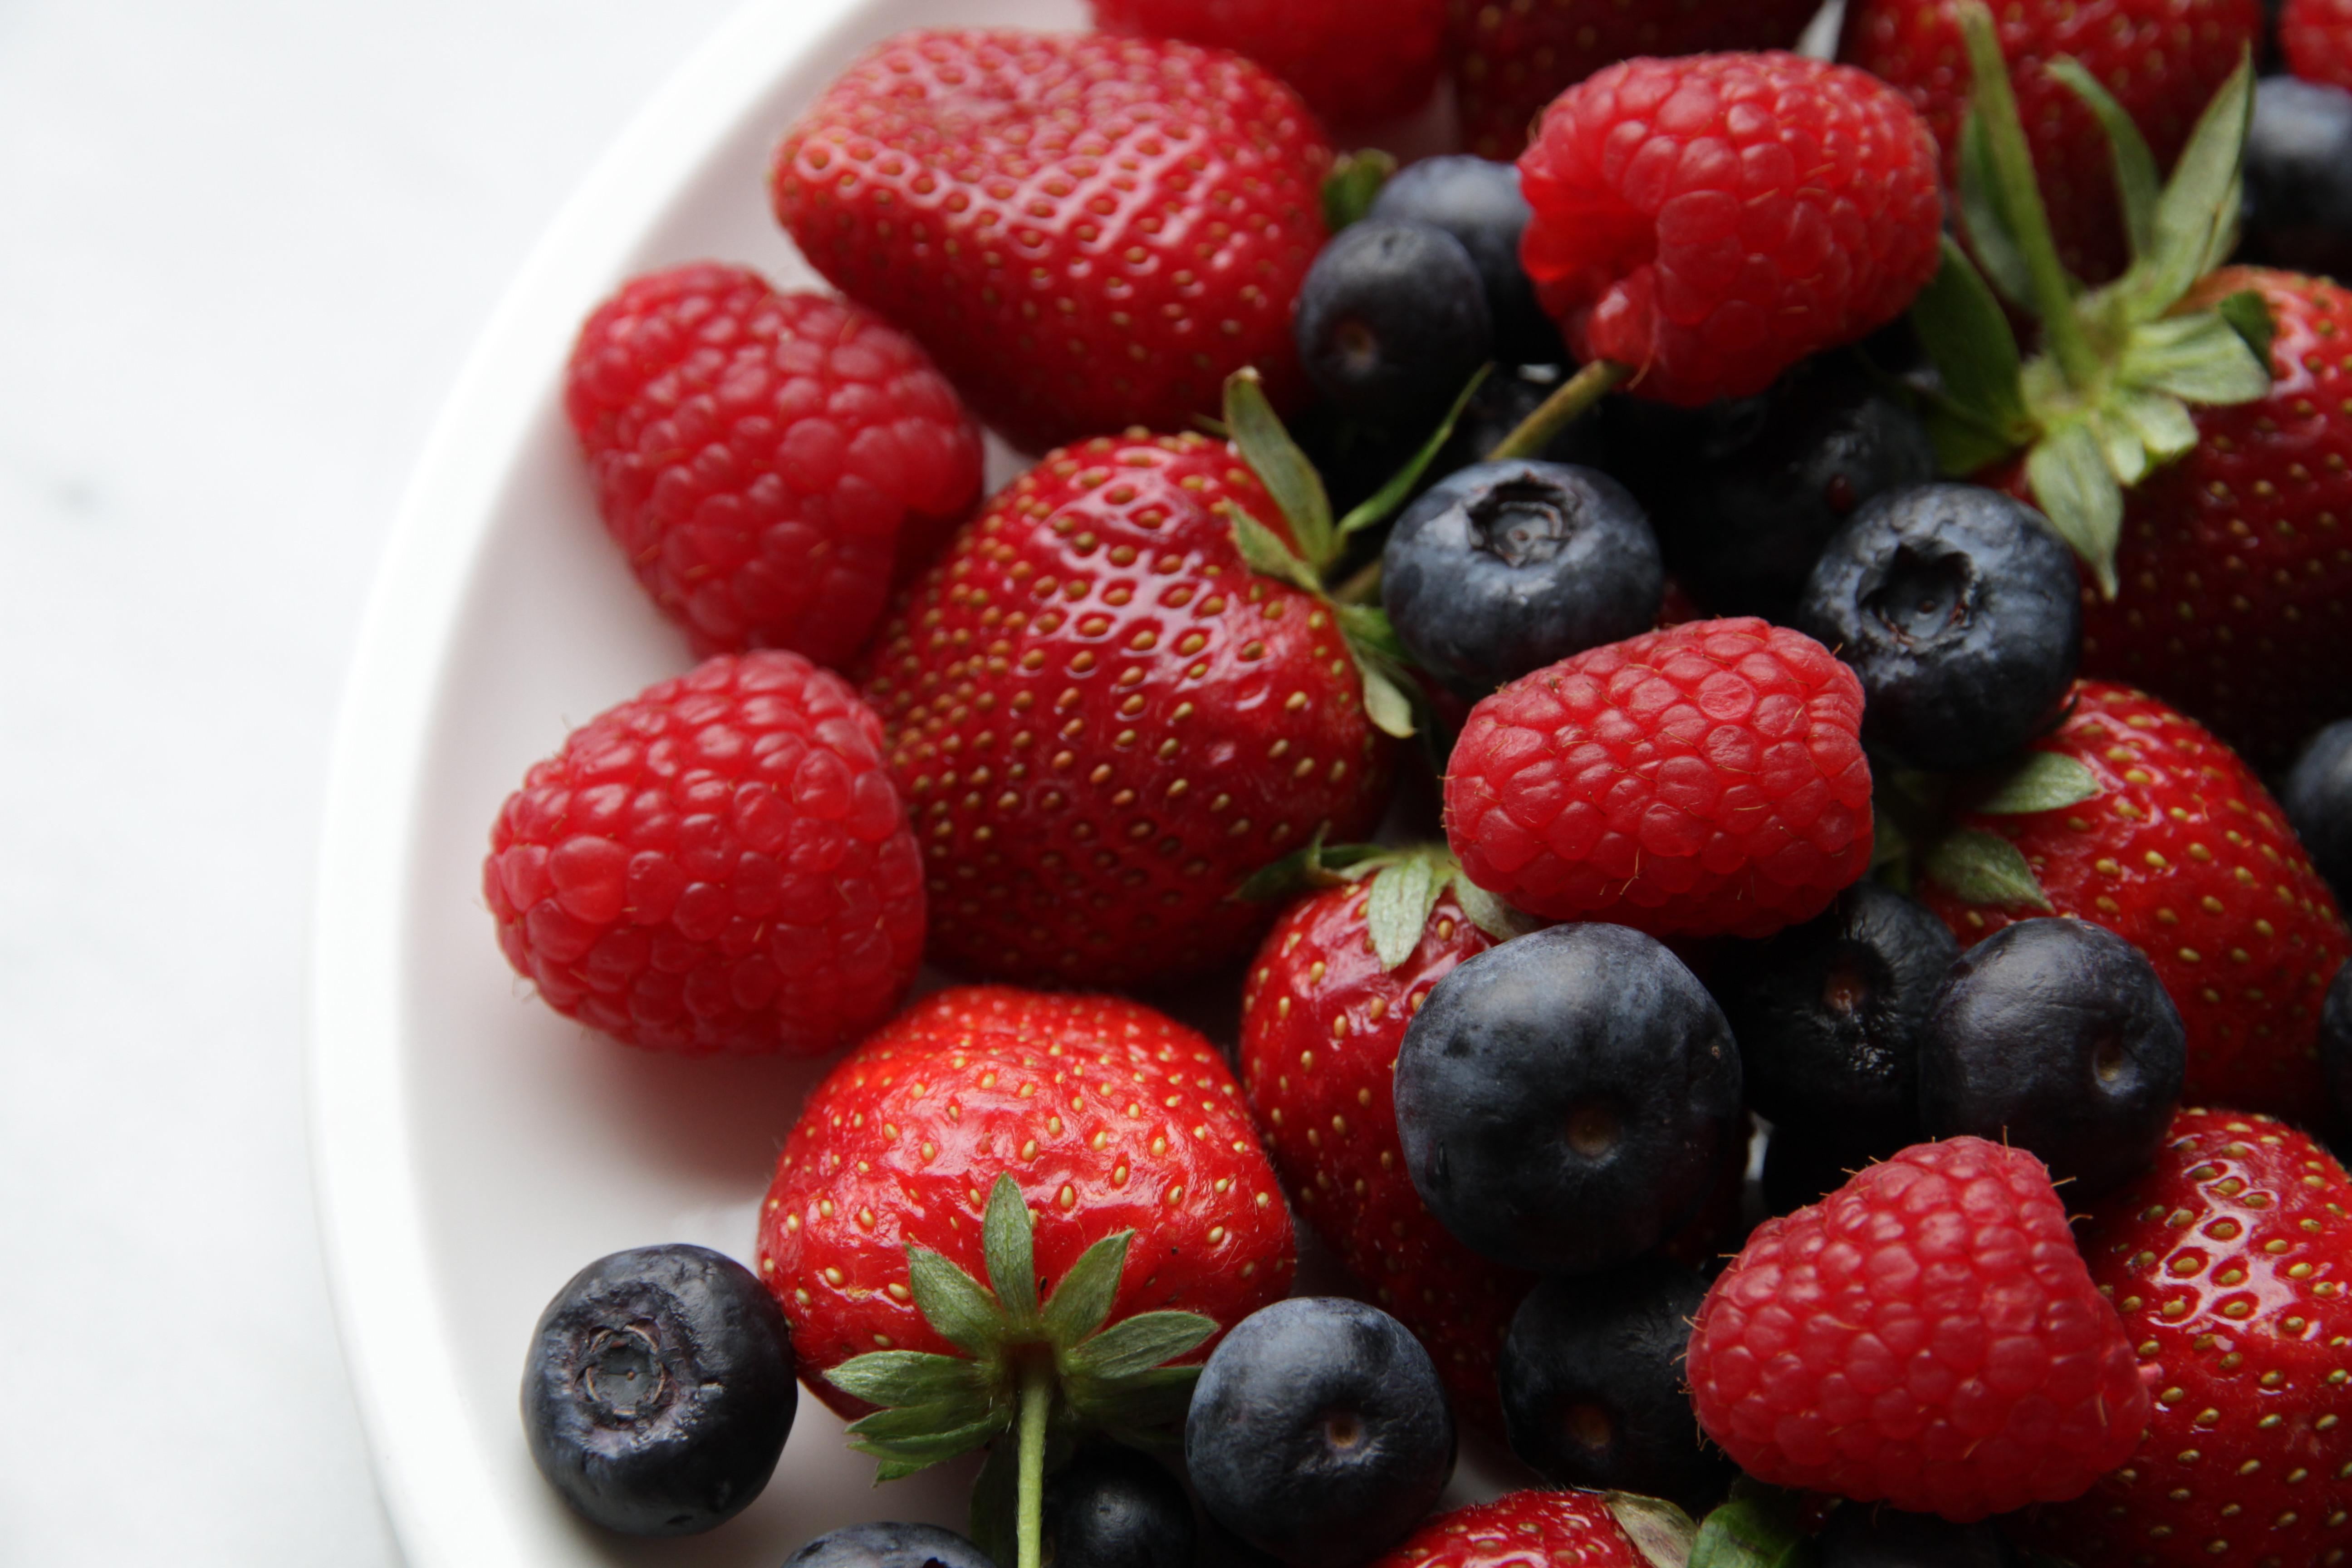 ягоди і фрукти